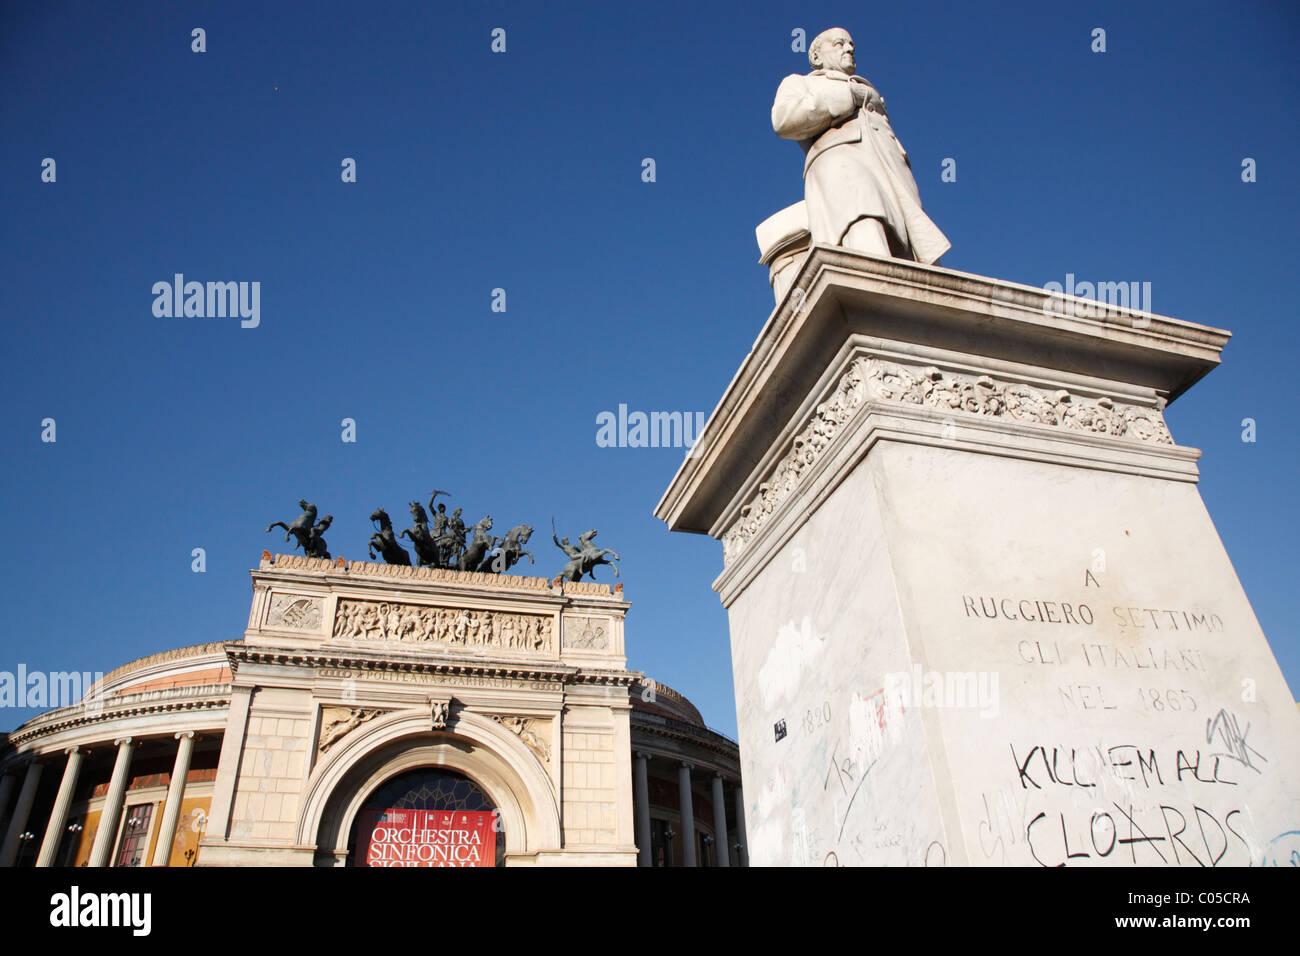 Politeama also know as Garibaldi Theater, Palermo, Sicily, Italy, Europe Stock Photo